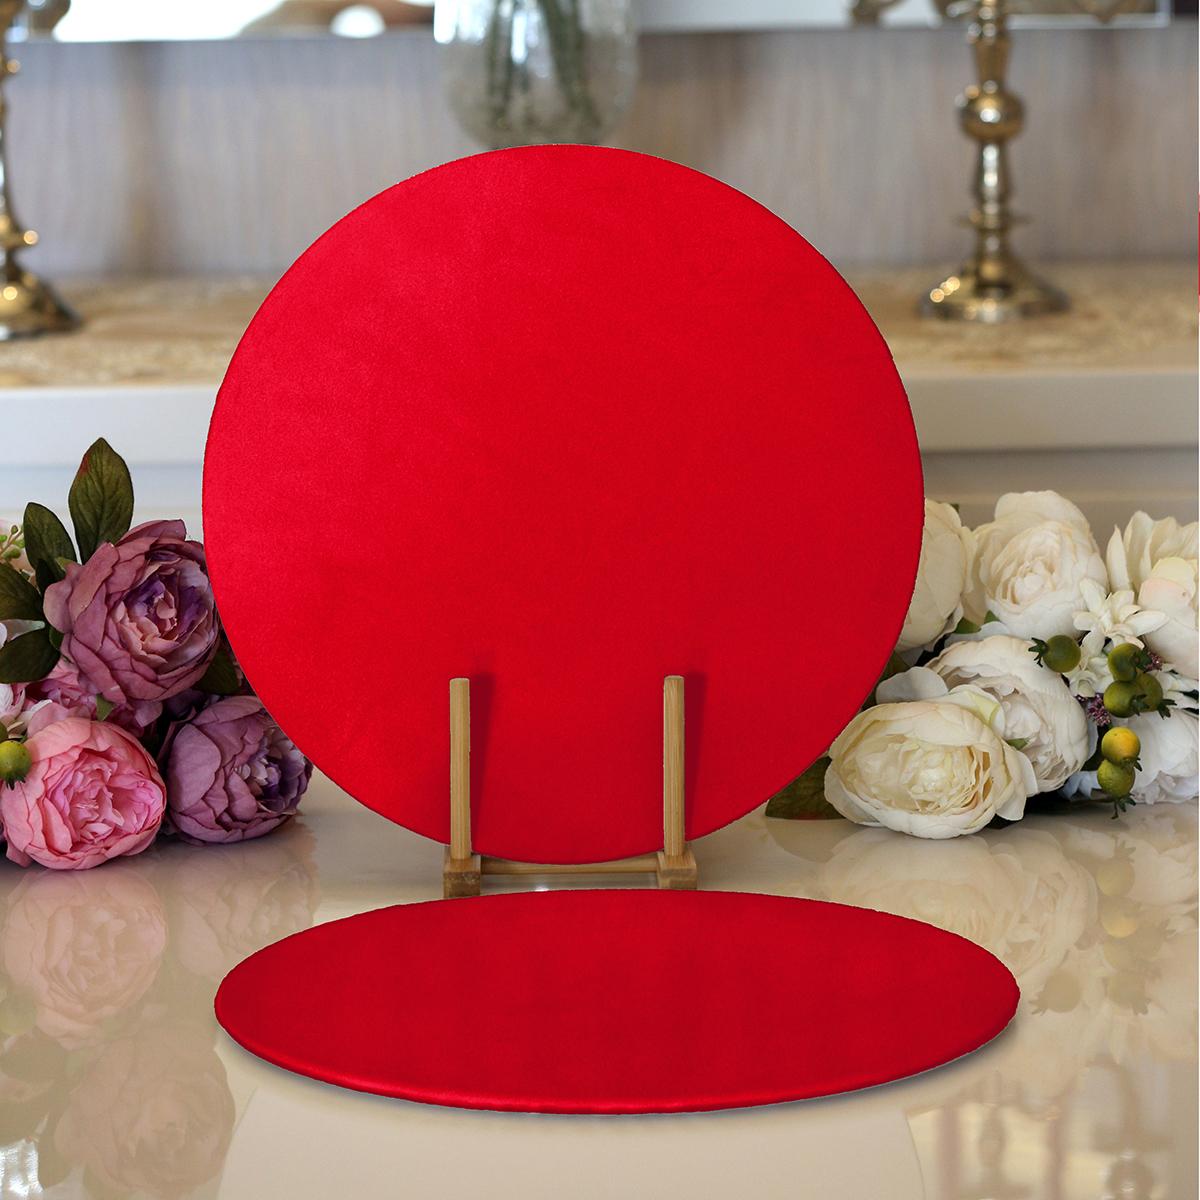 Realhomes Kırmızı Renkli Dijital Baskılı Modern 2'li Yuvarlak Servis Altlığı - Supla Realhomes